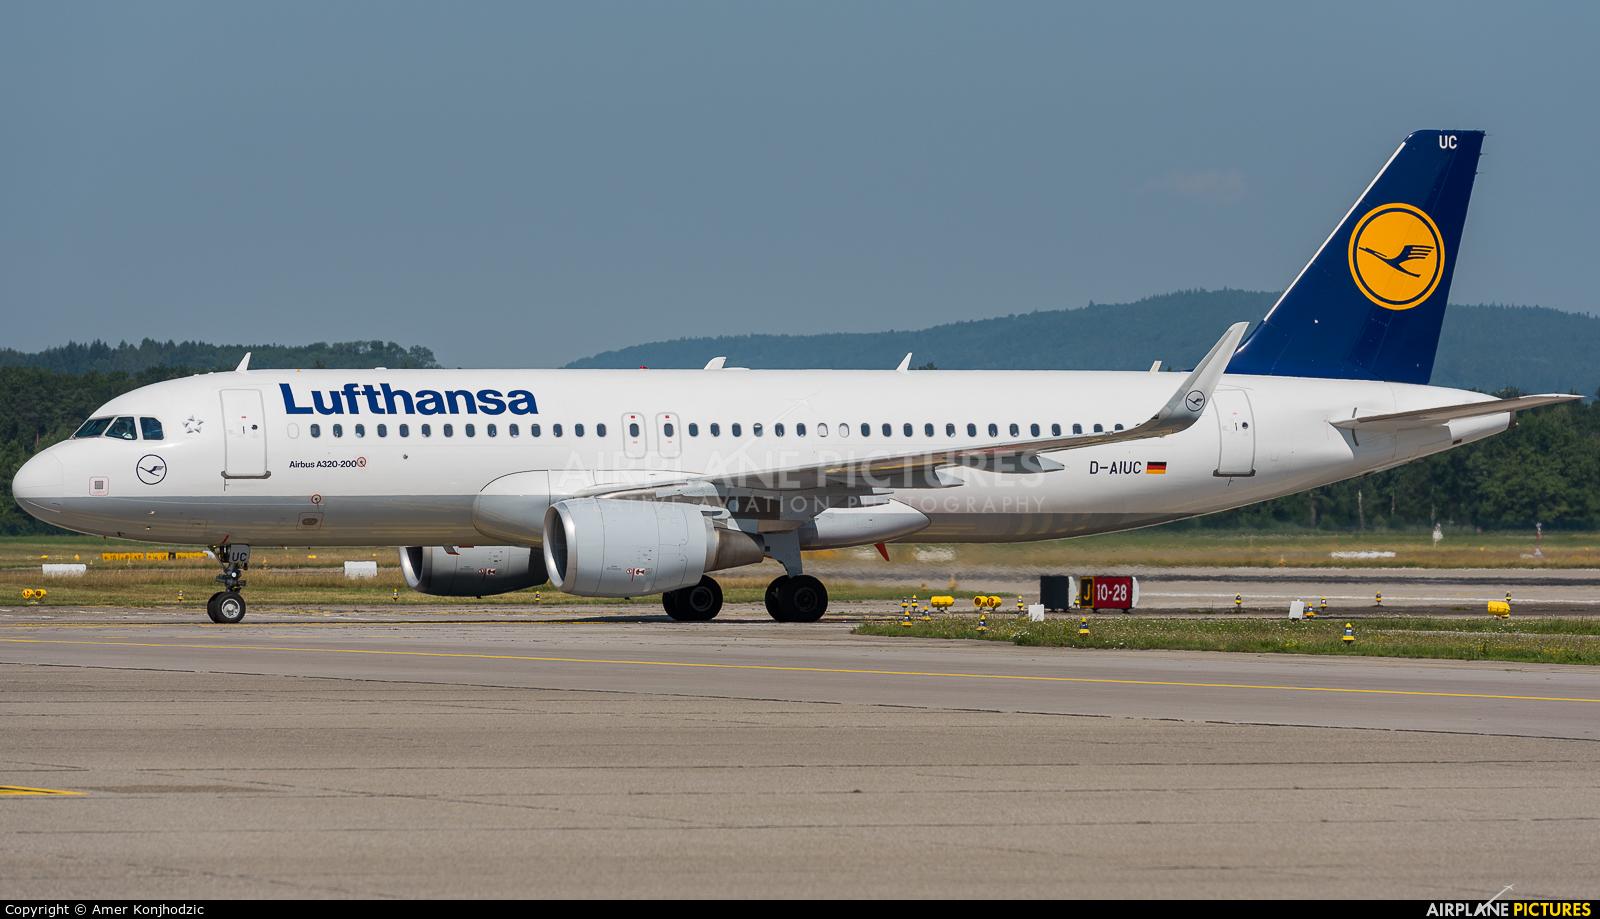 Lufthansa D-AIUC aircraft at Zurich